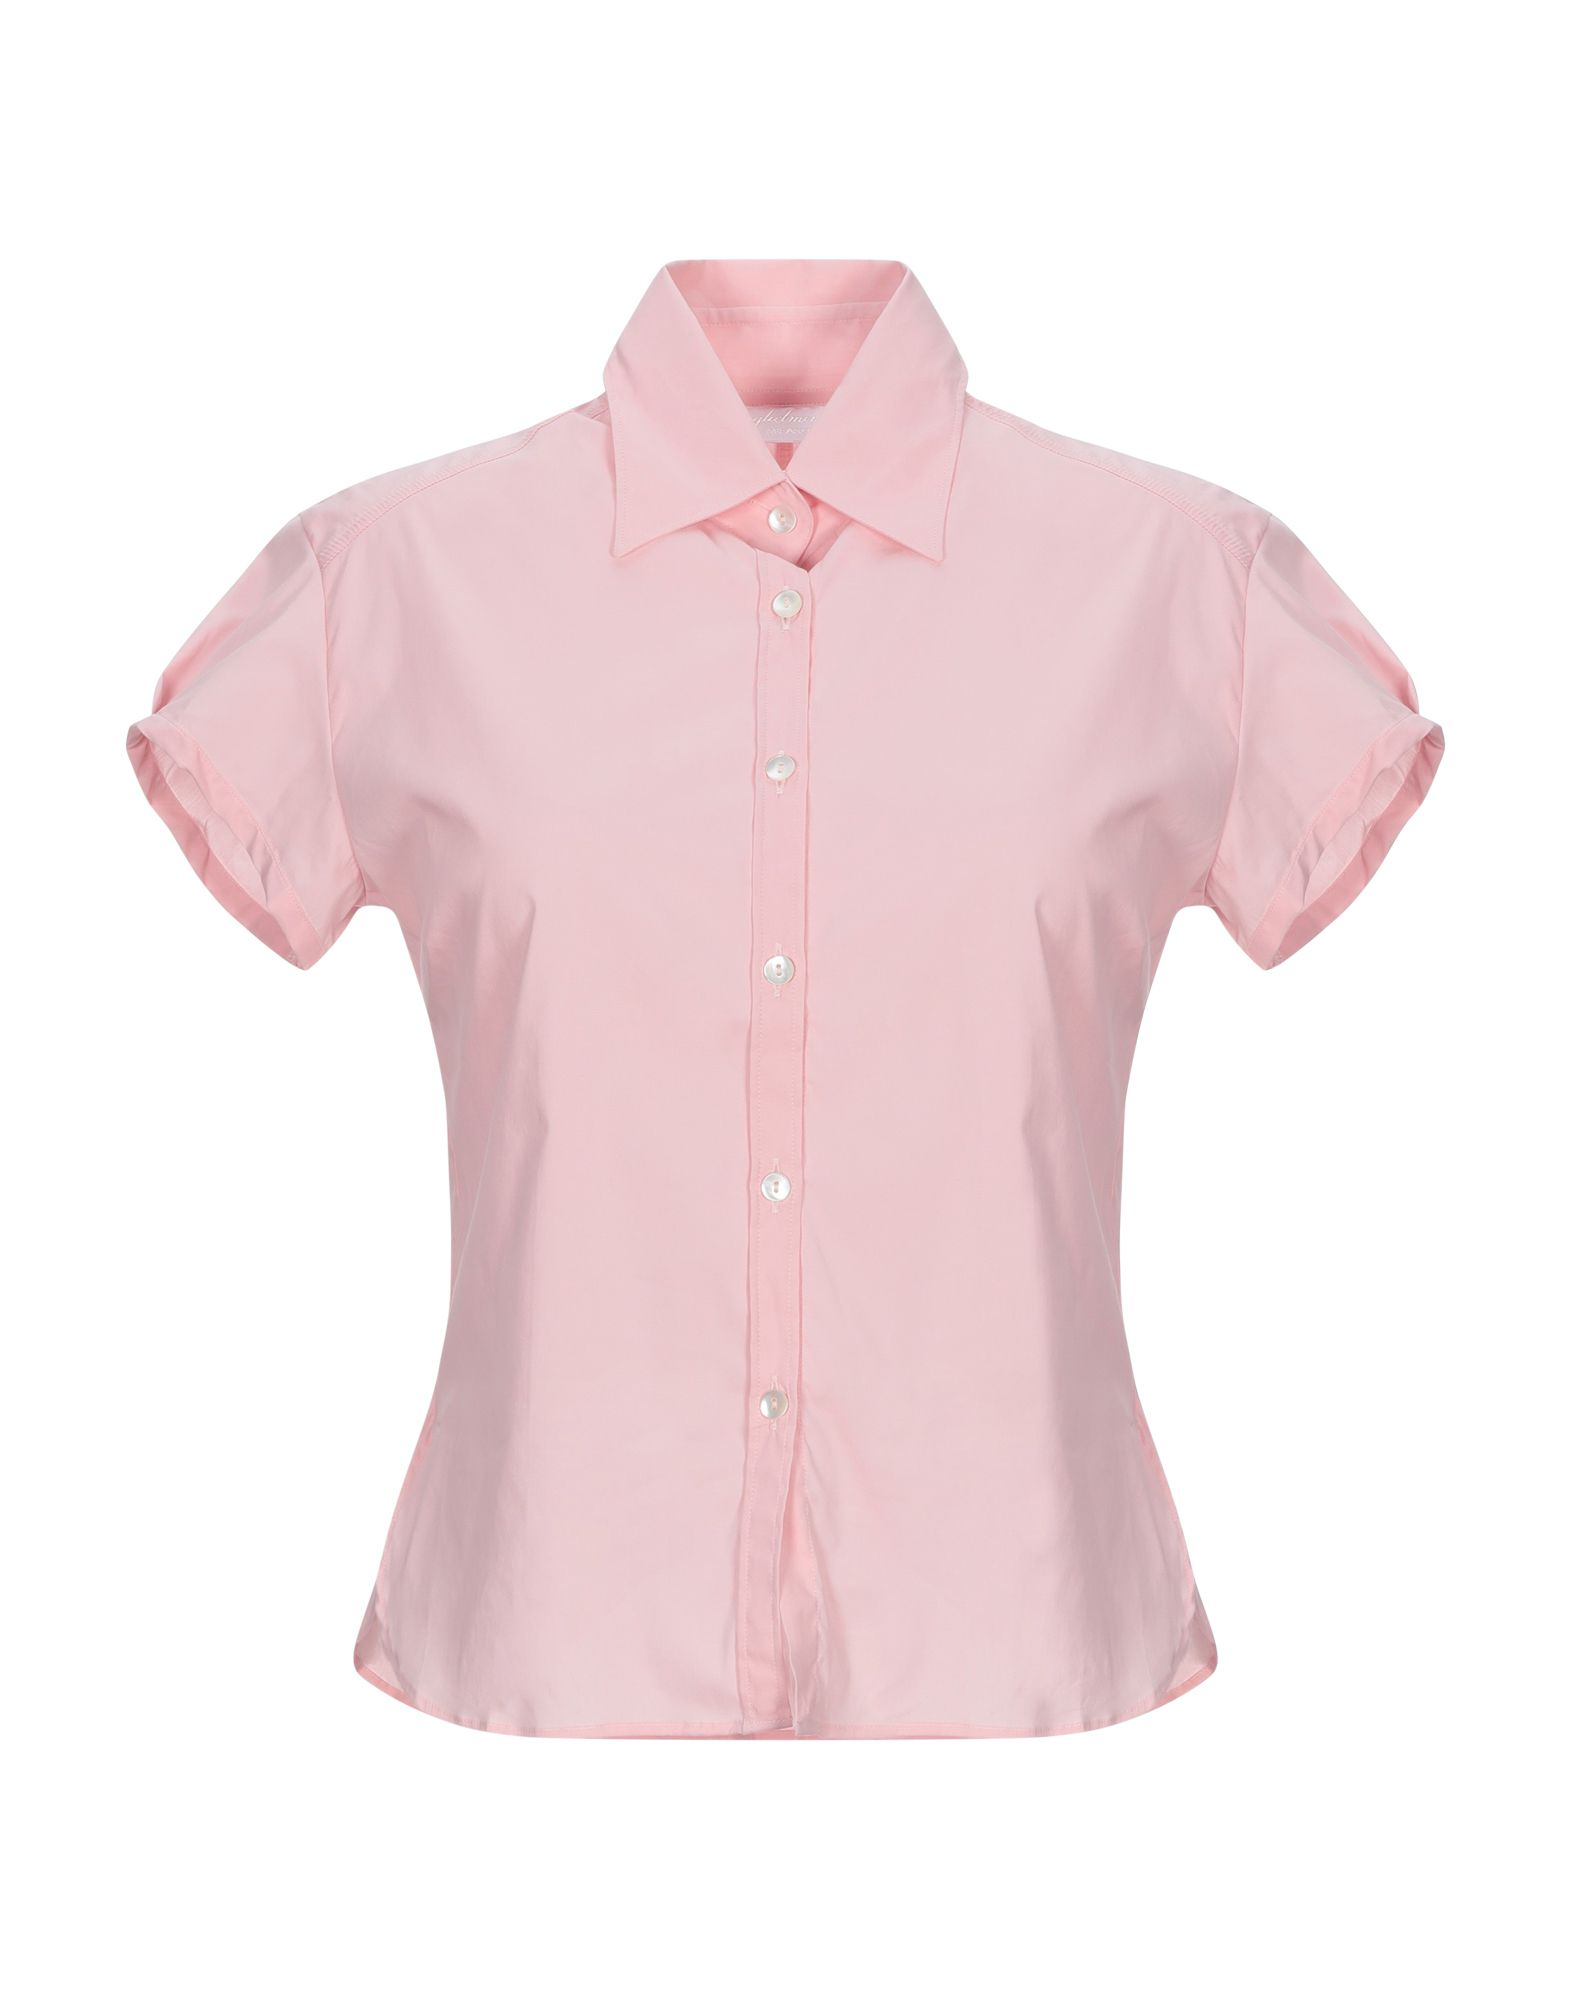 《セール開催中》GUGLIELMINOTTI レディース シャツ ピンク 40 コットン 68% / ナイロン 28% / ポリウレタン 4%